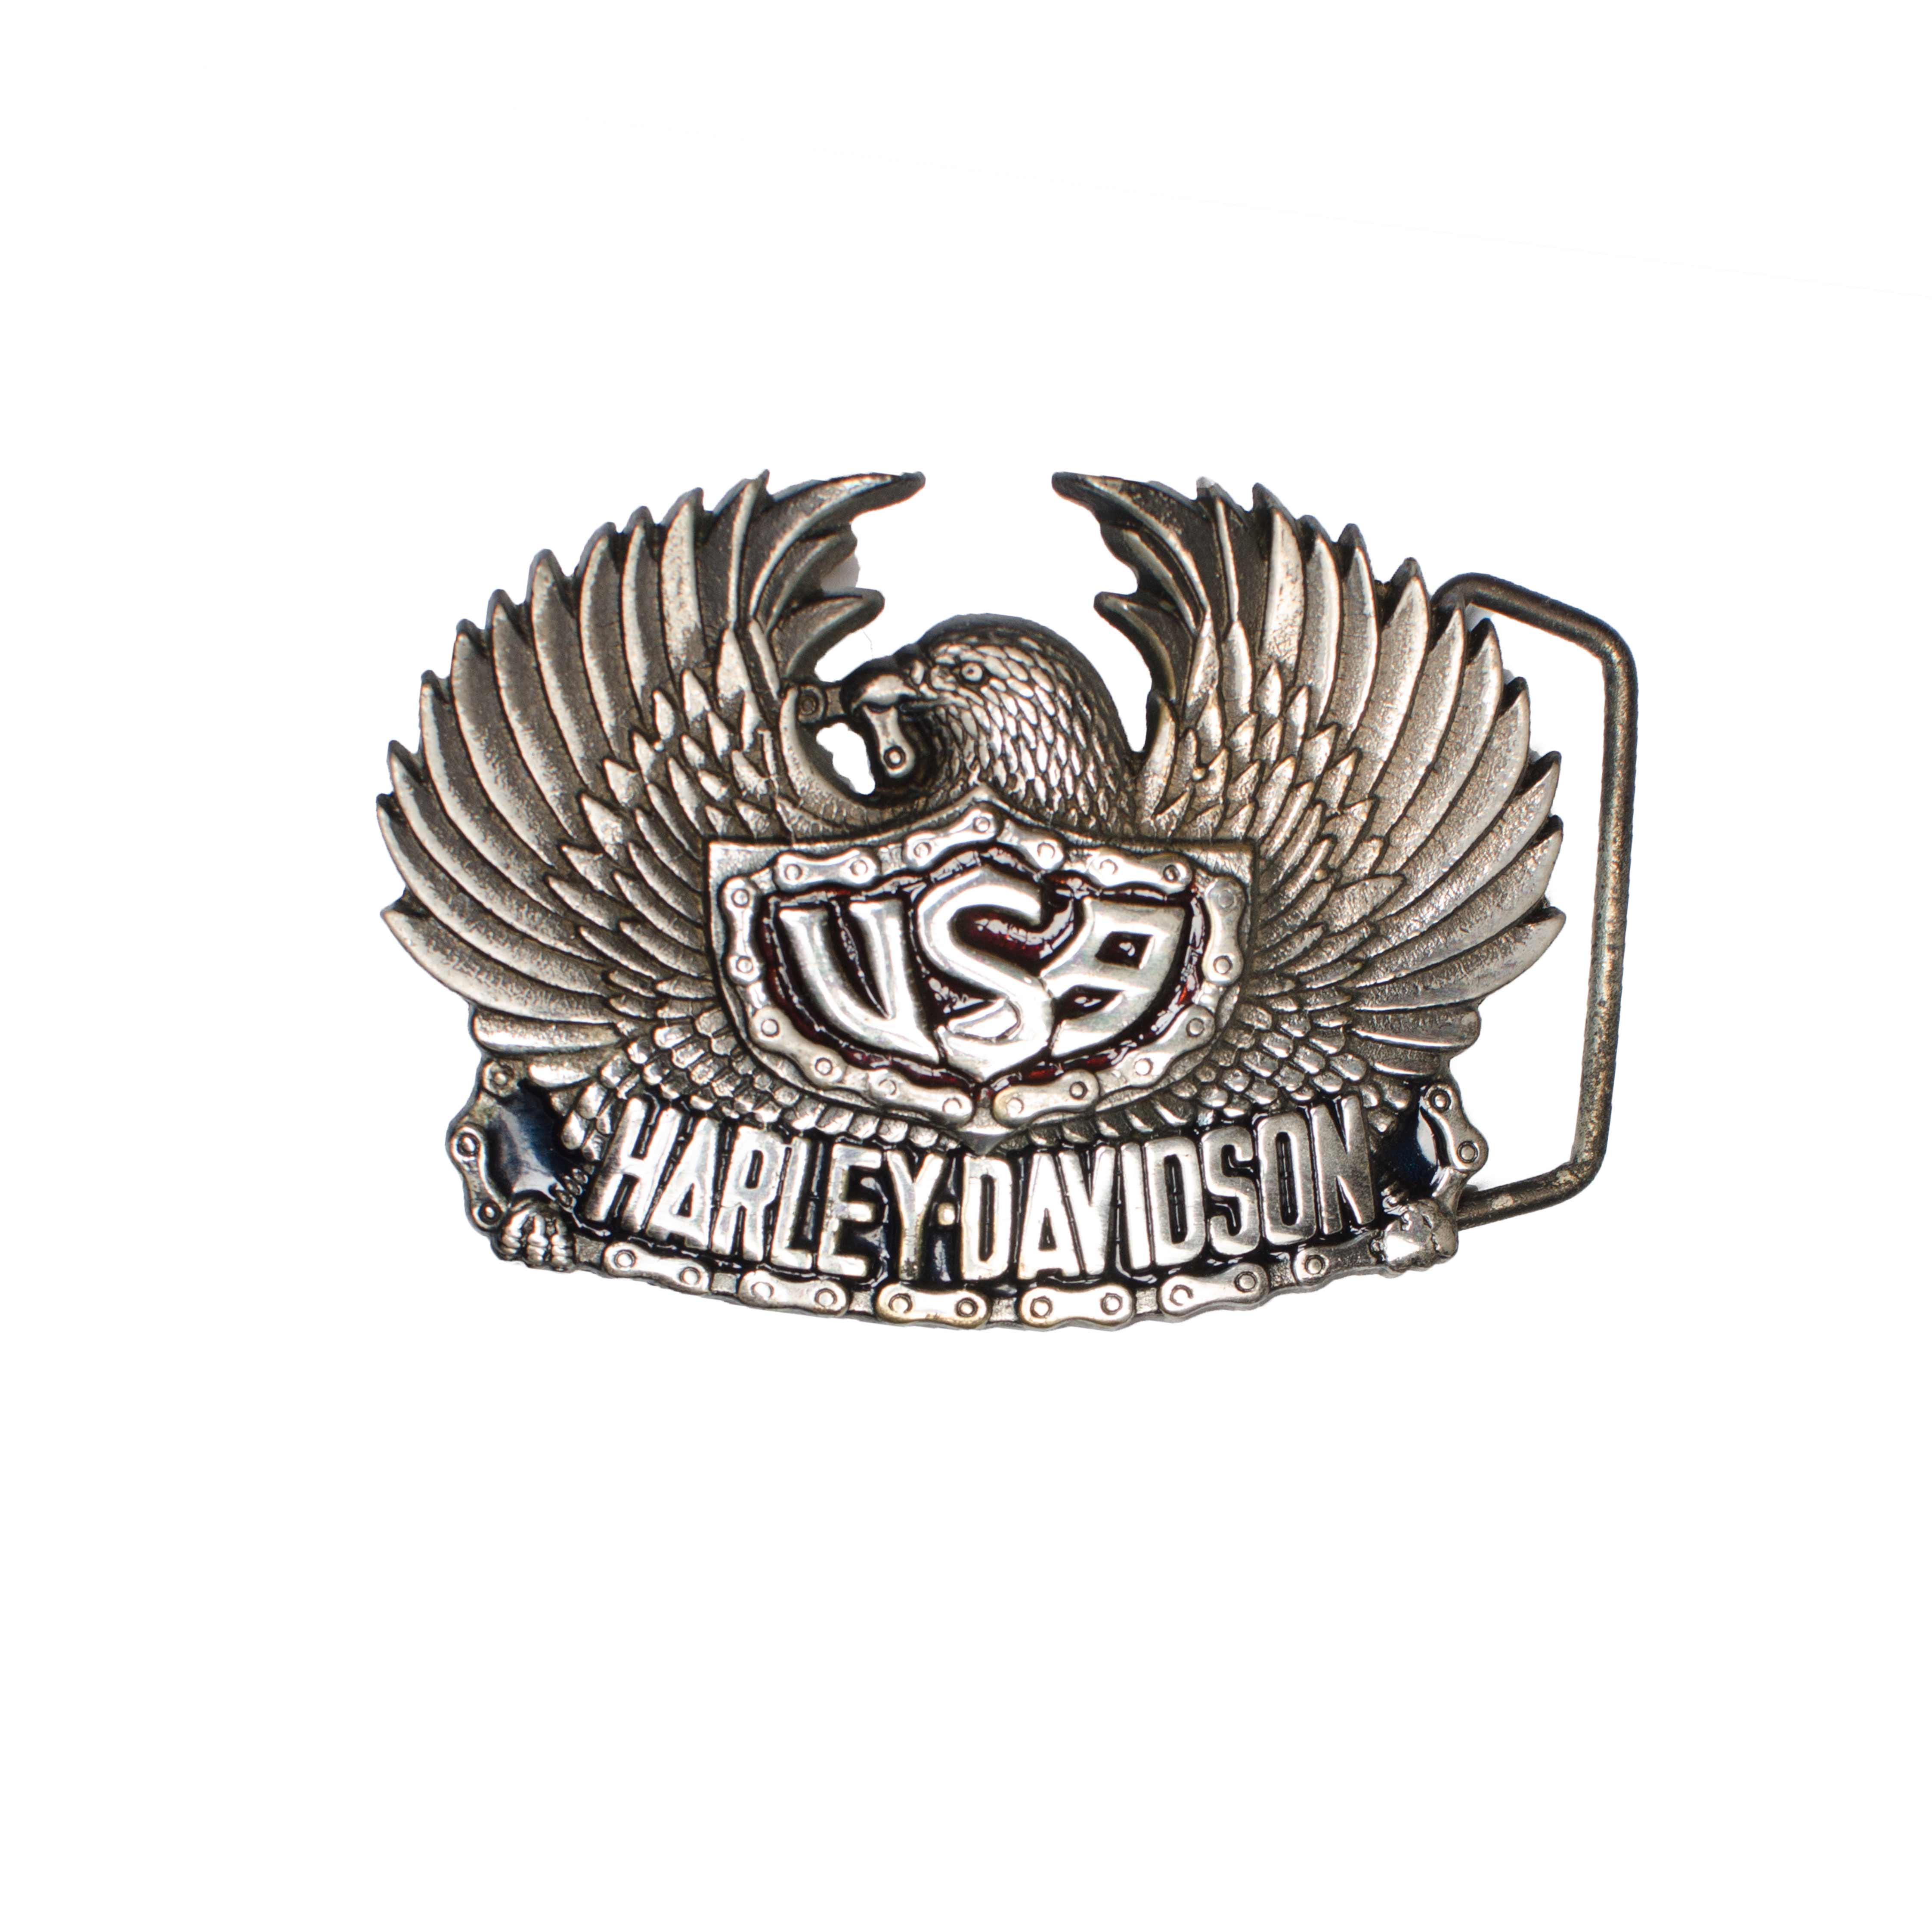 Harley-Davidson H504 USA Eagle Solid Brass Belt Buckle